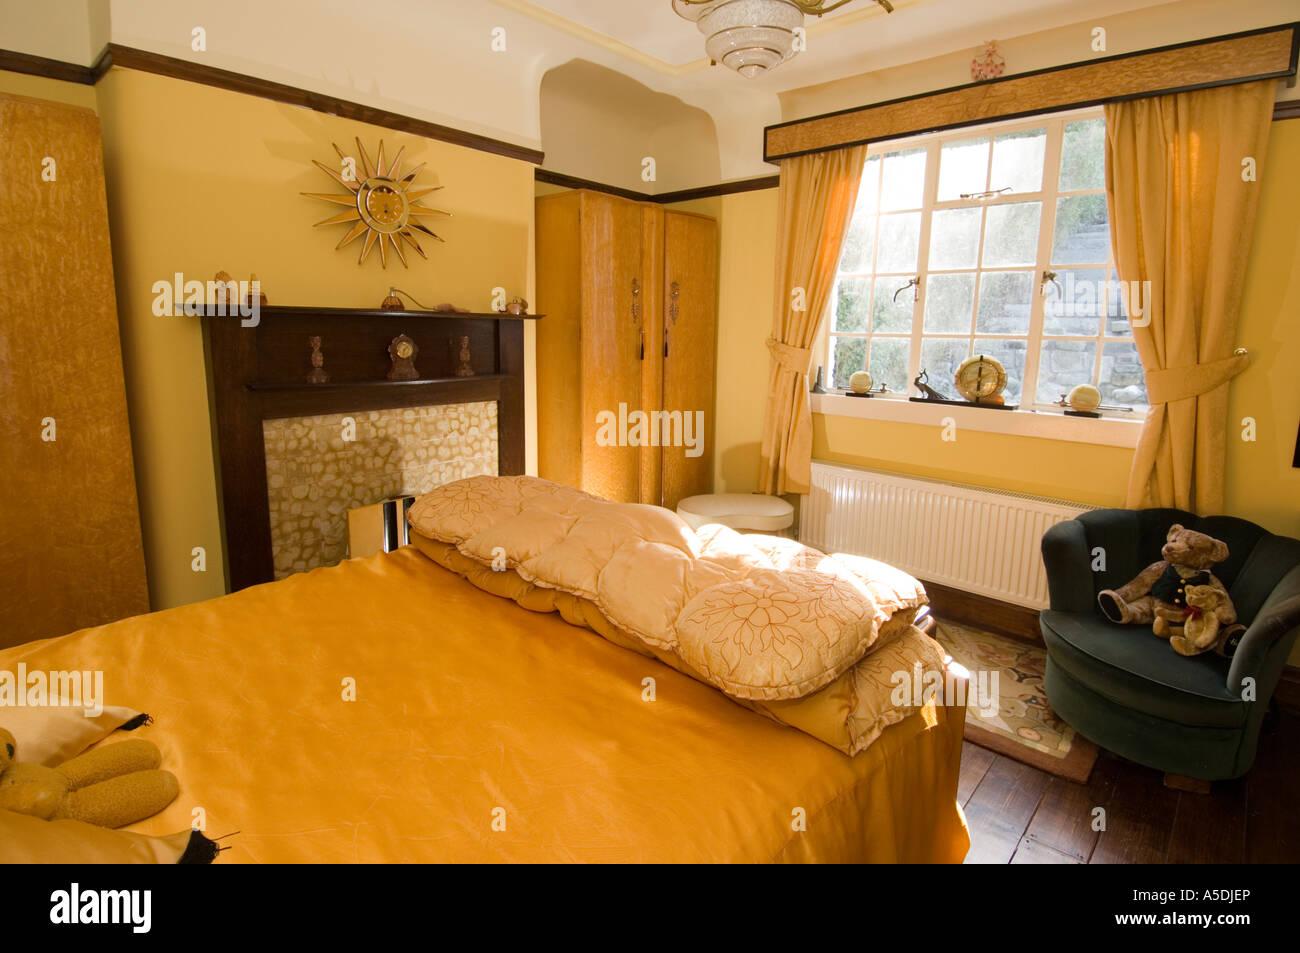 Camere Da Letto Art Deco : Rinnovato stile art deco art nouveau s house interno camera